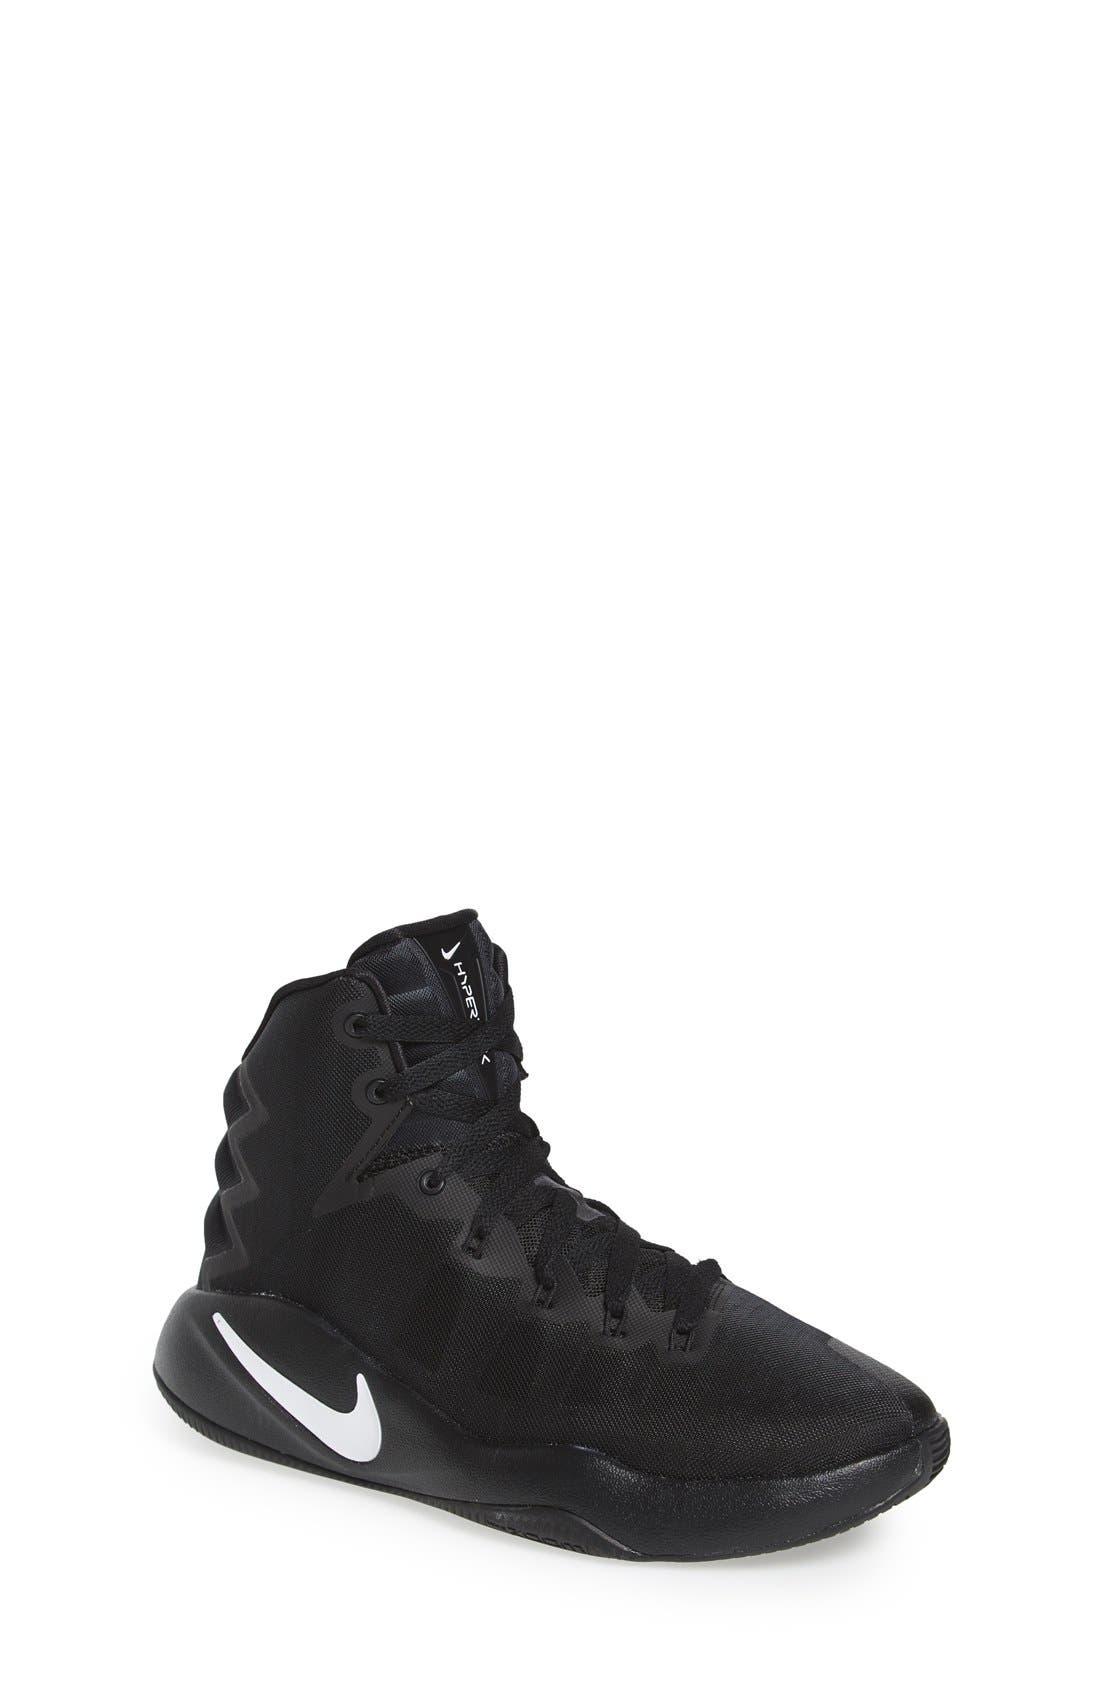 Main Image - Nike 'Hyperdunk 2016' Basketball Shoe ...